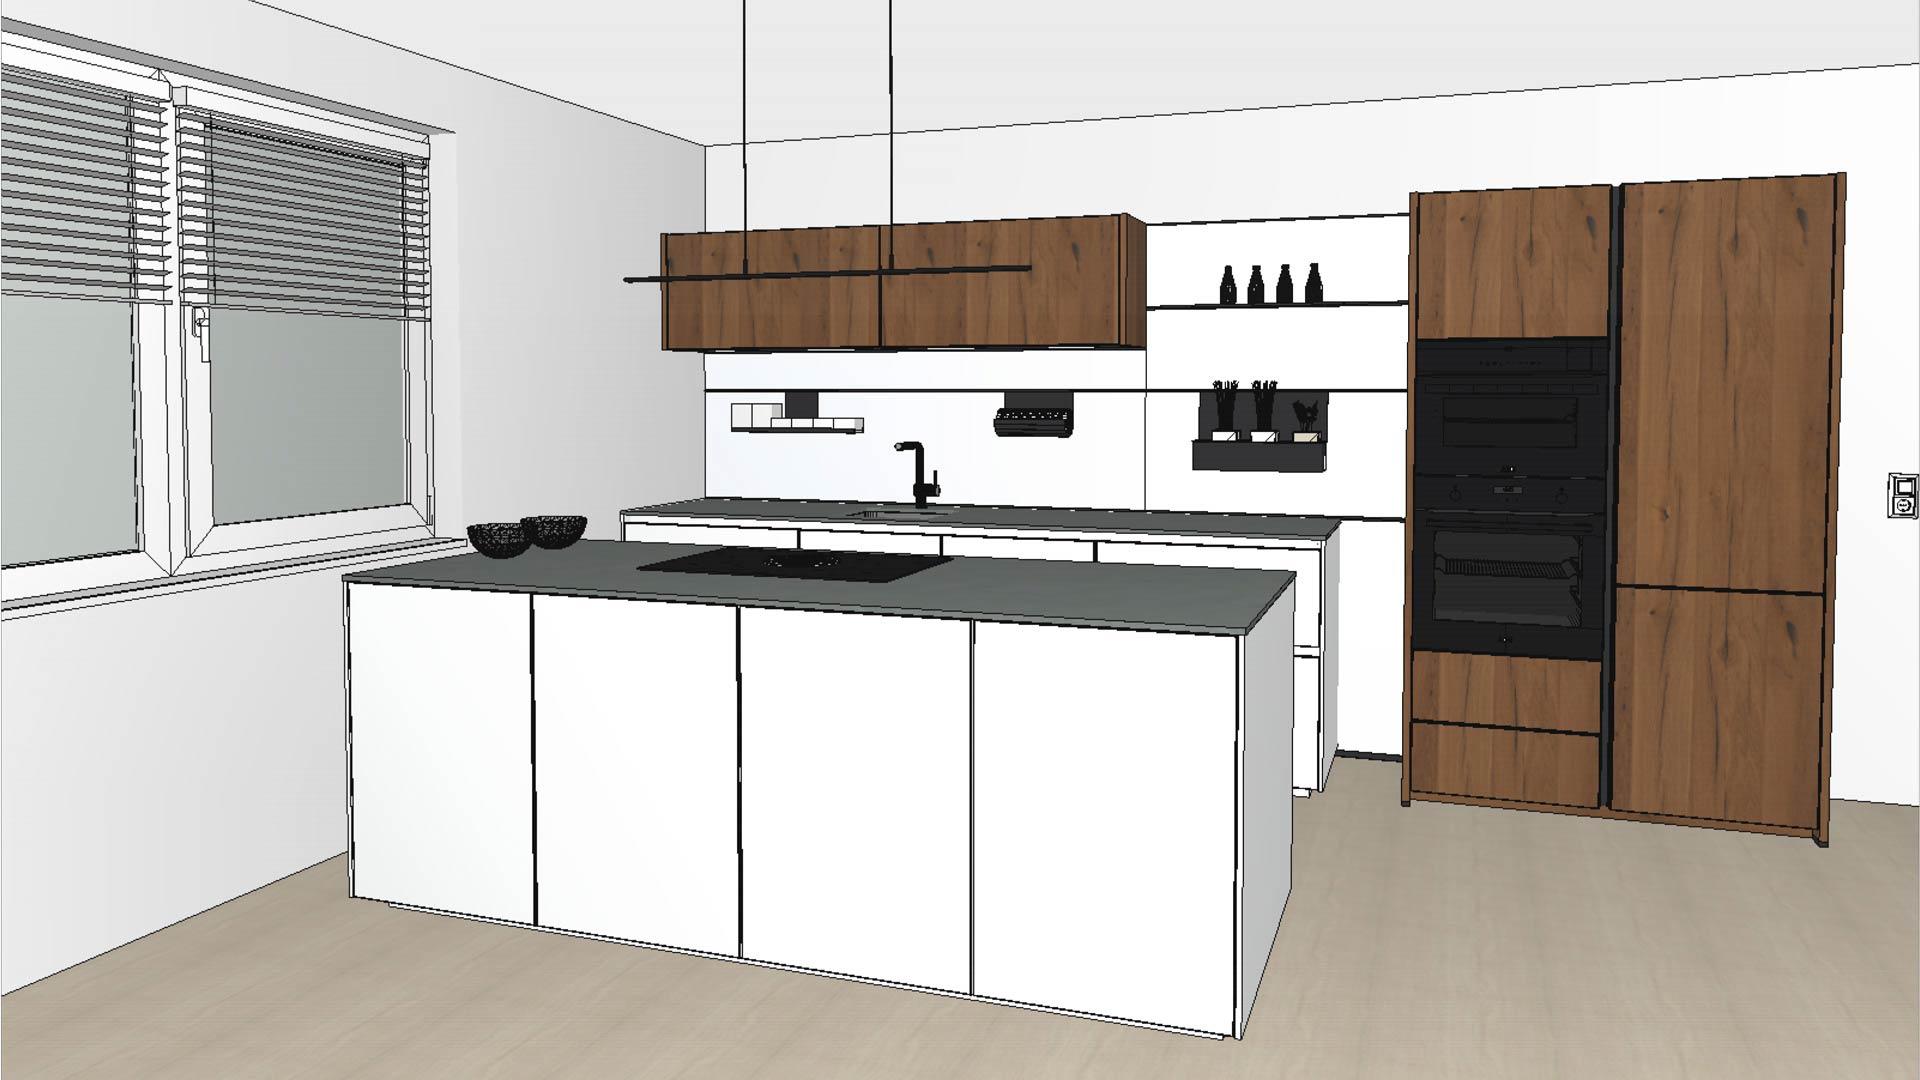 3D-Küchenplanung für optimale Vorbereitung im Küchenstudio Ebner & Spuller in Graz